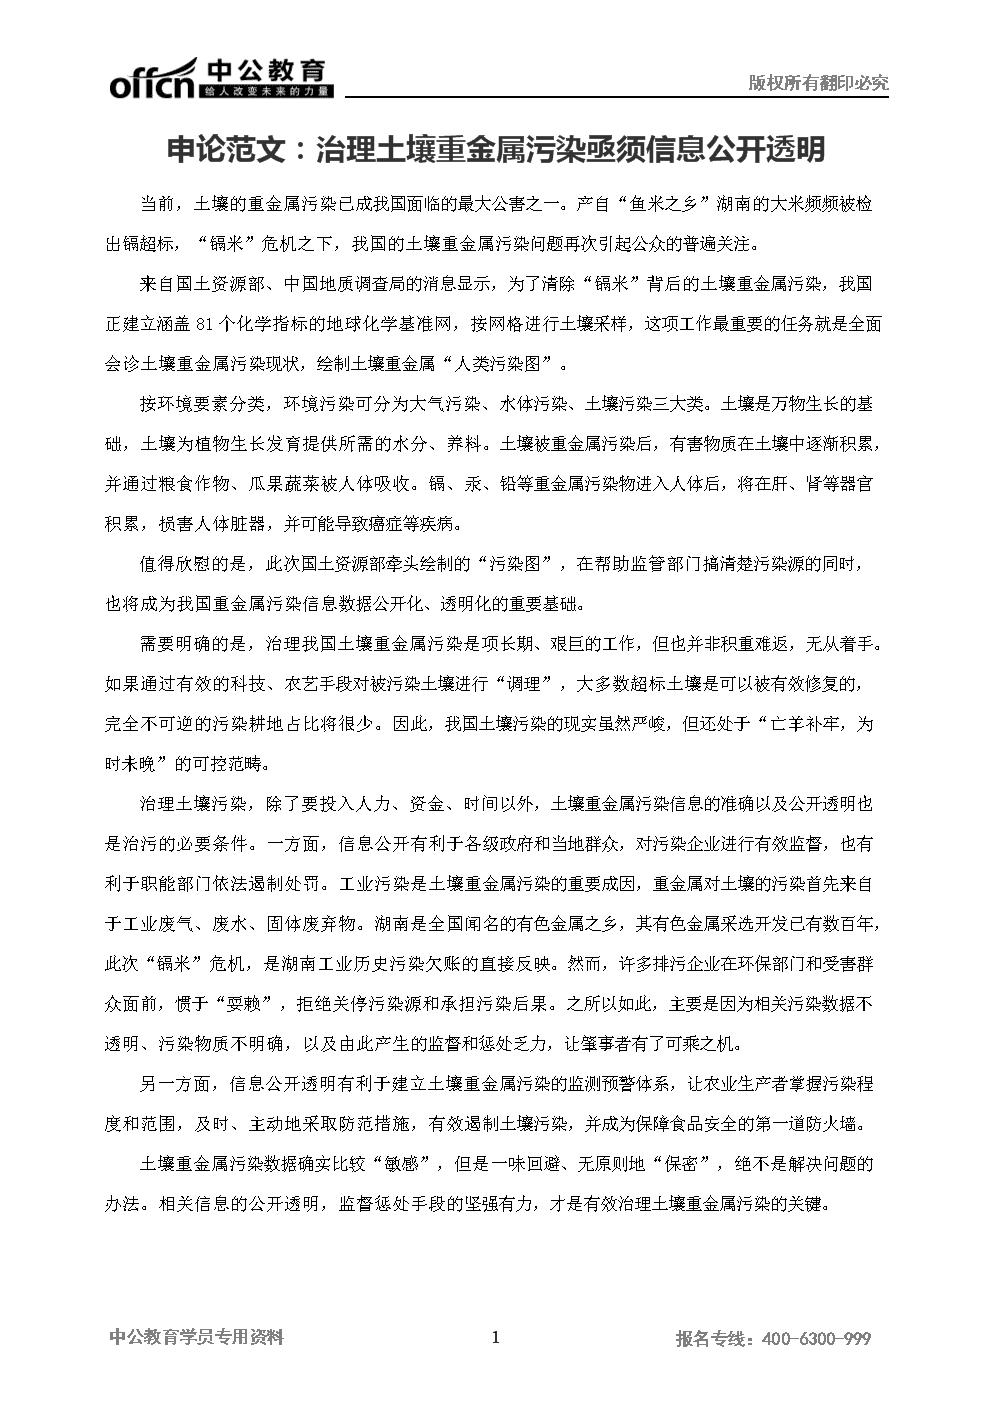 申论范文:治理土壤重金属污染亟须信息公开透明x.doc